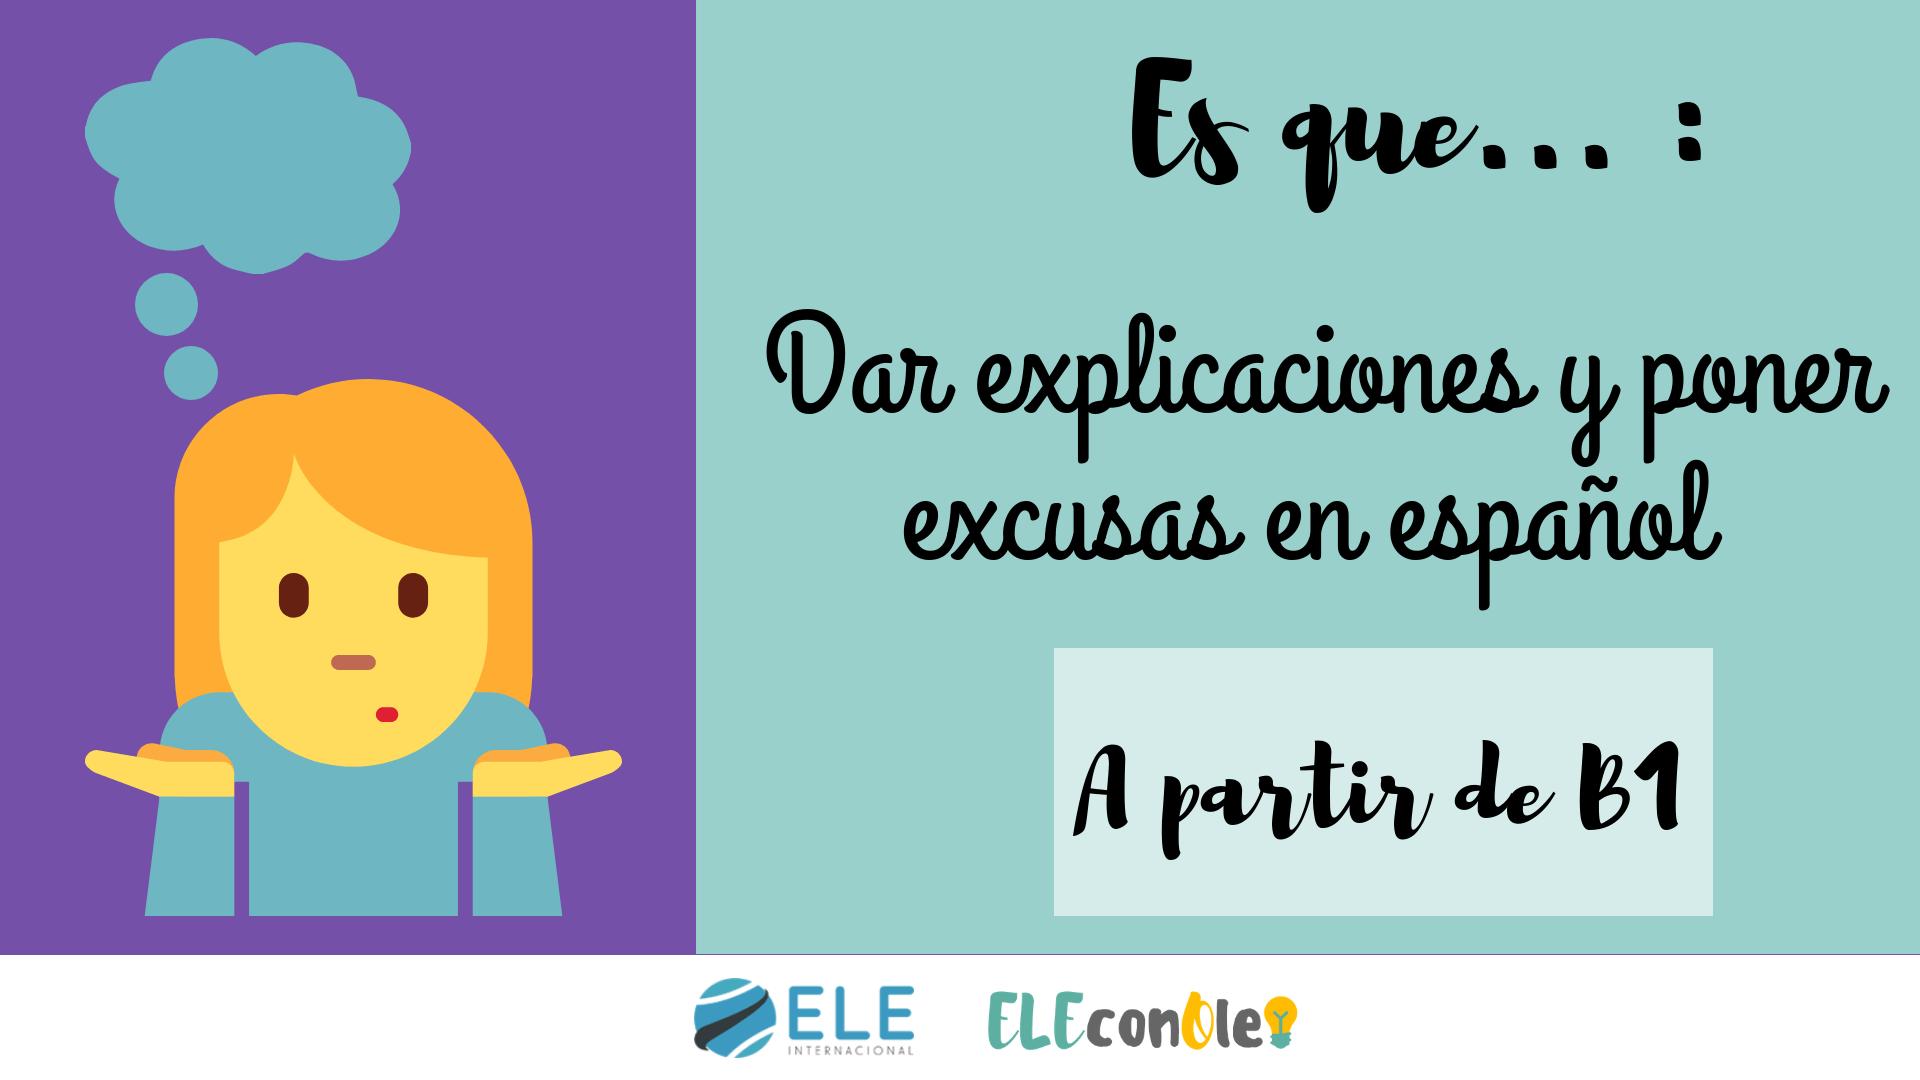 Dar explicaciones en español